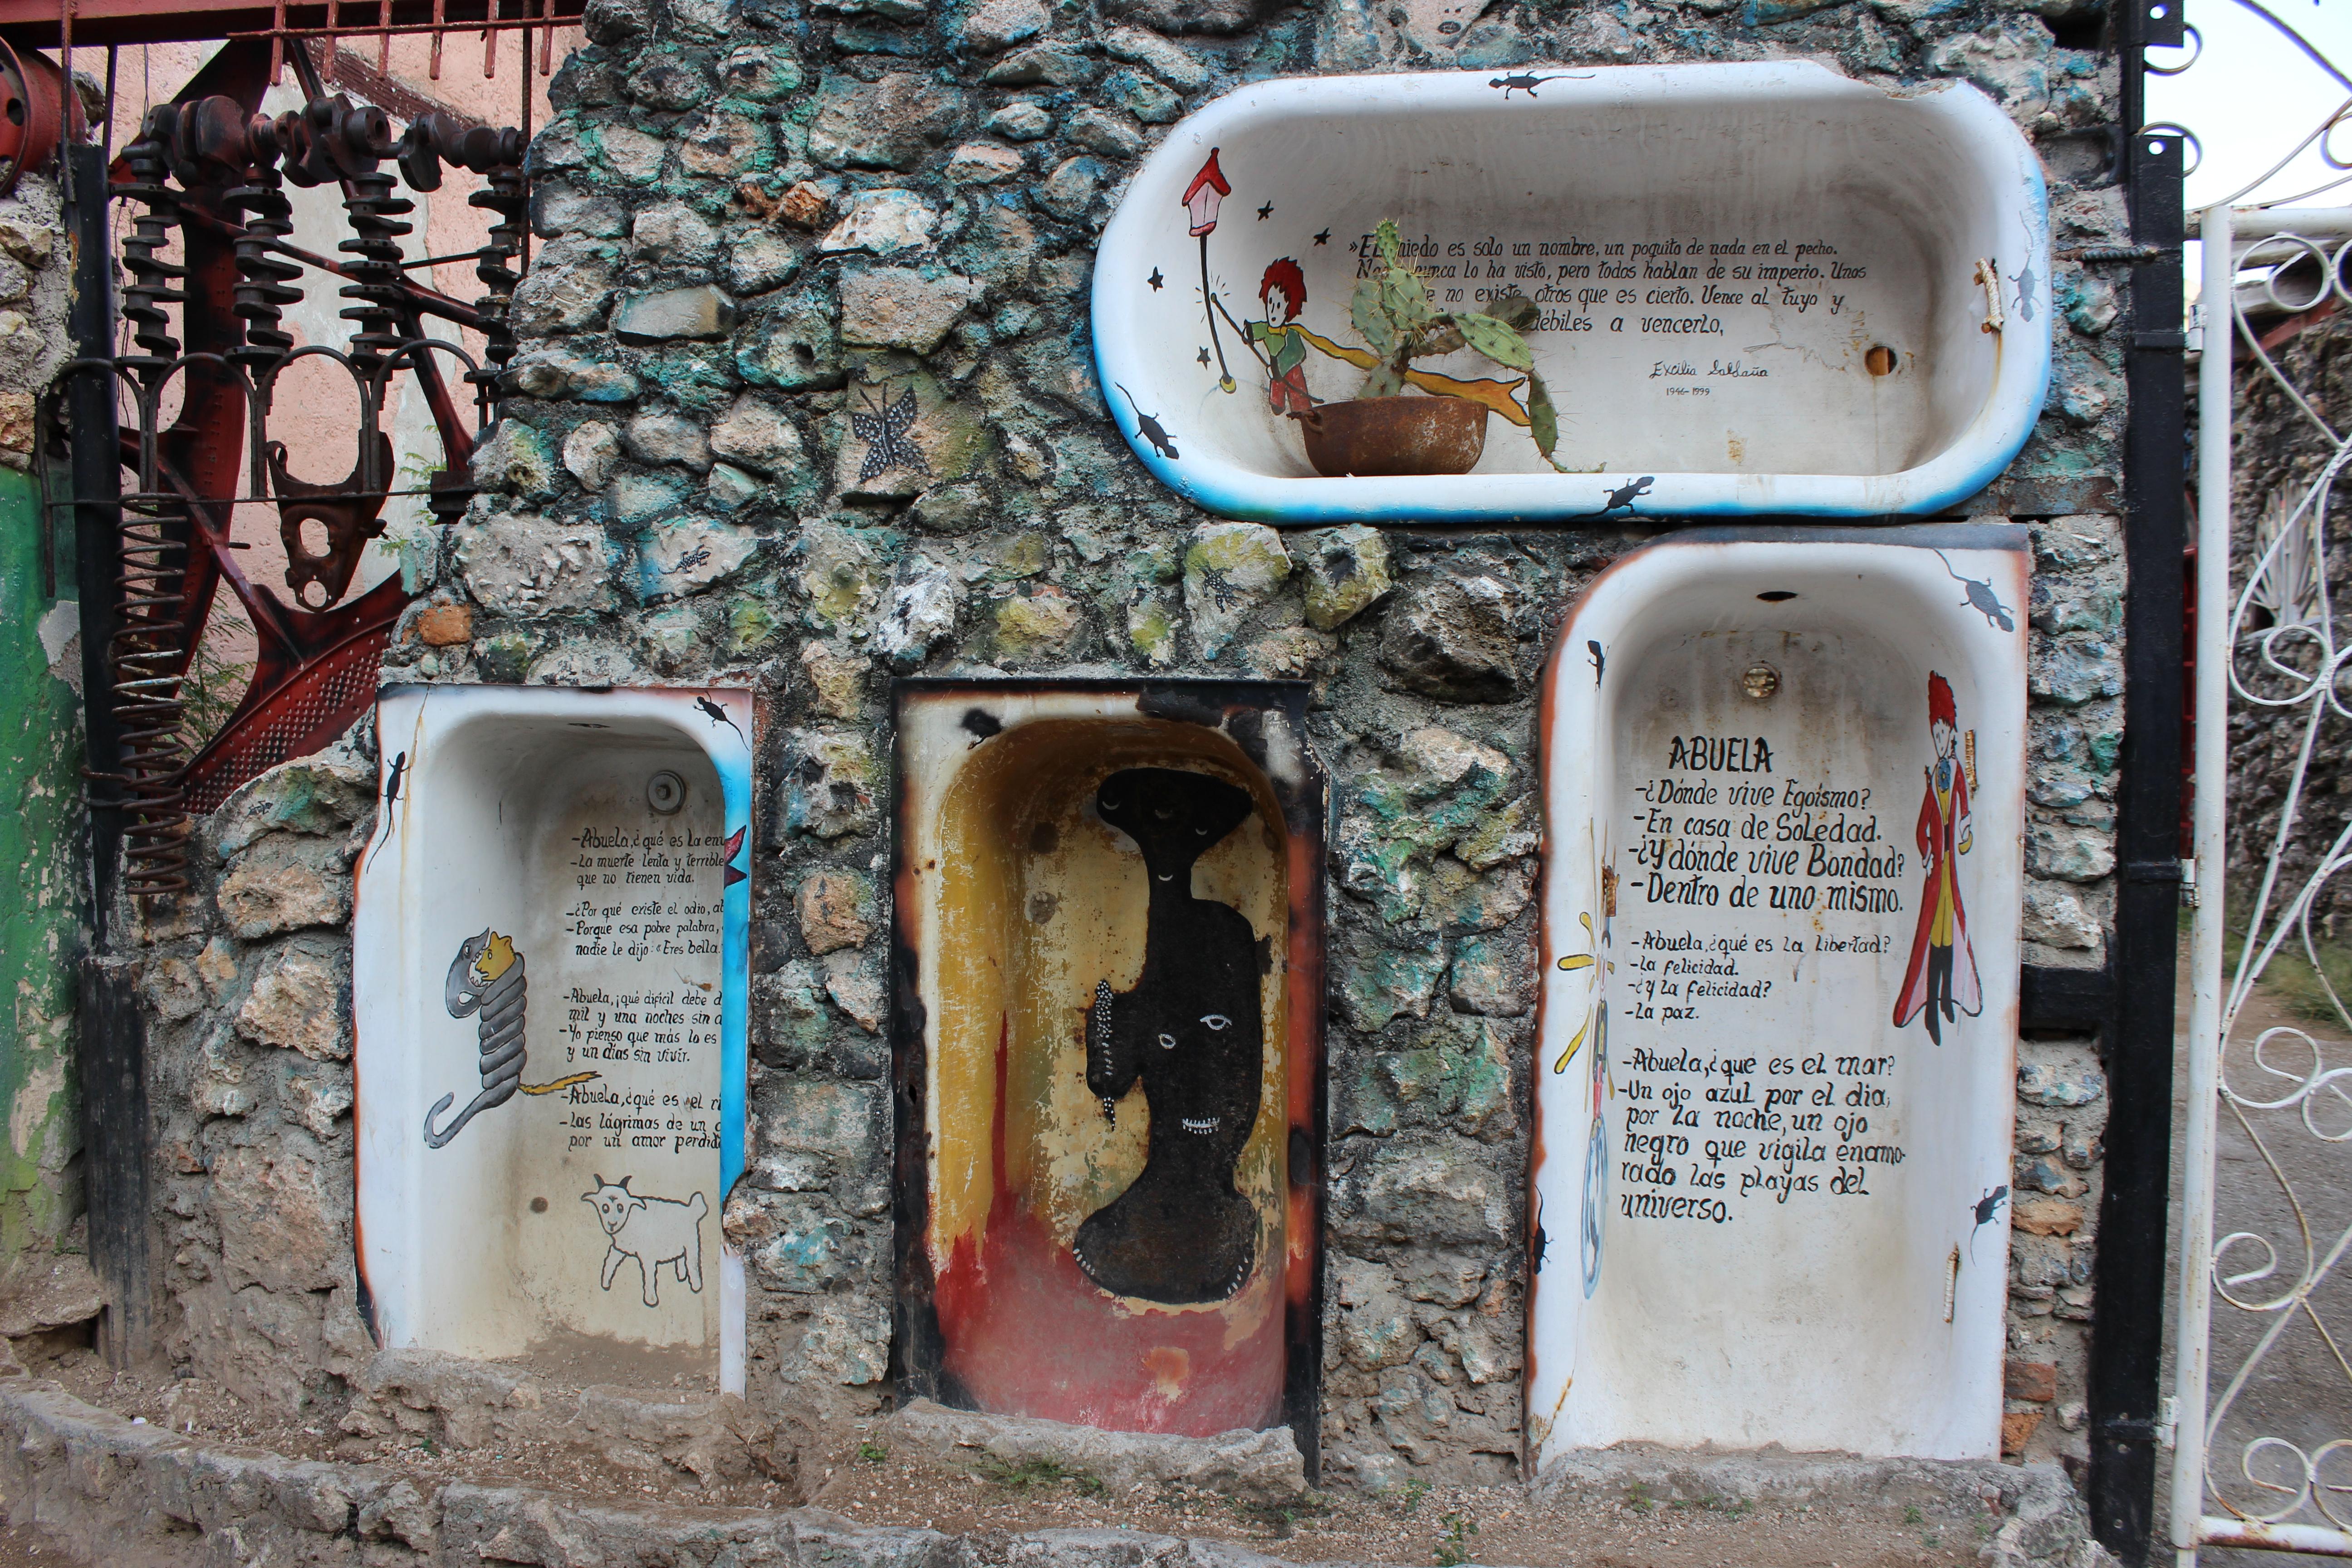 El Callejon Hammel features found art, like these bathtub-like niches.